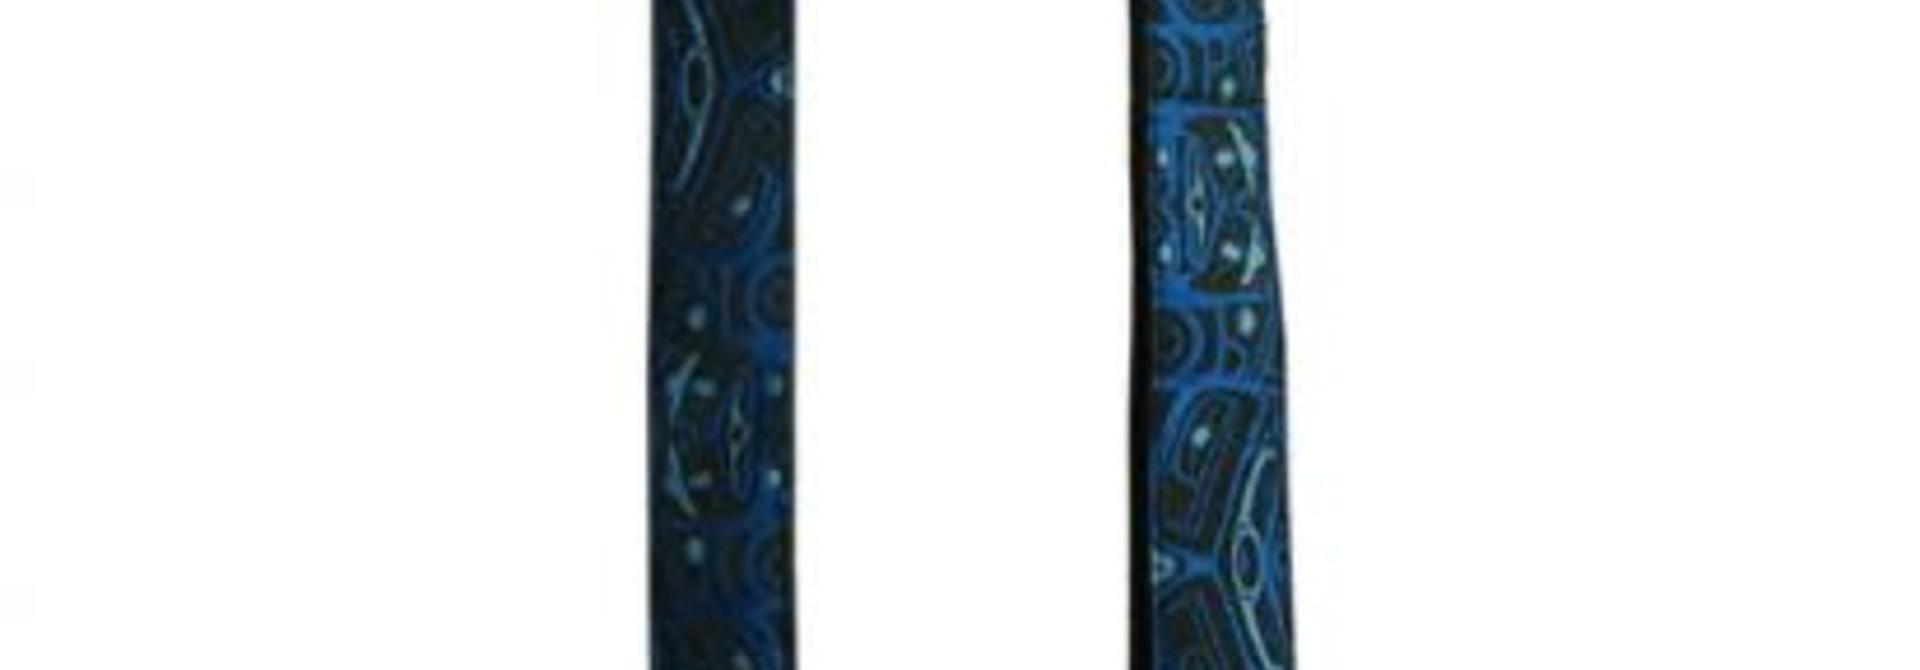 Wild Coast Dog Leash in Bear Box design by Bill Helin -Blue